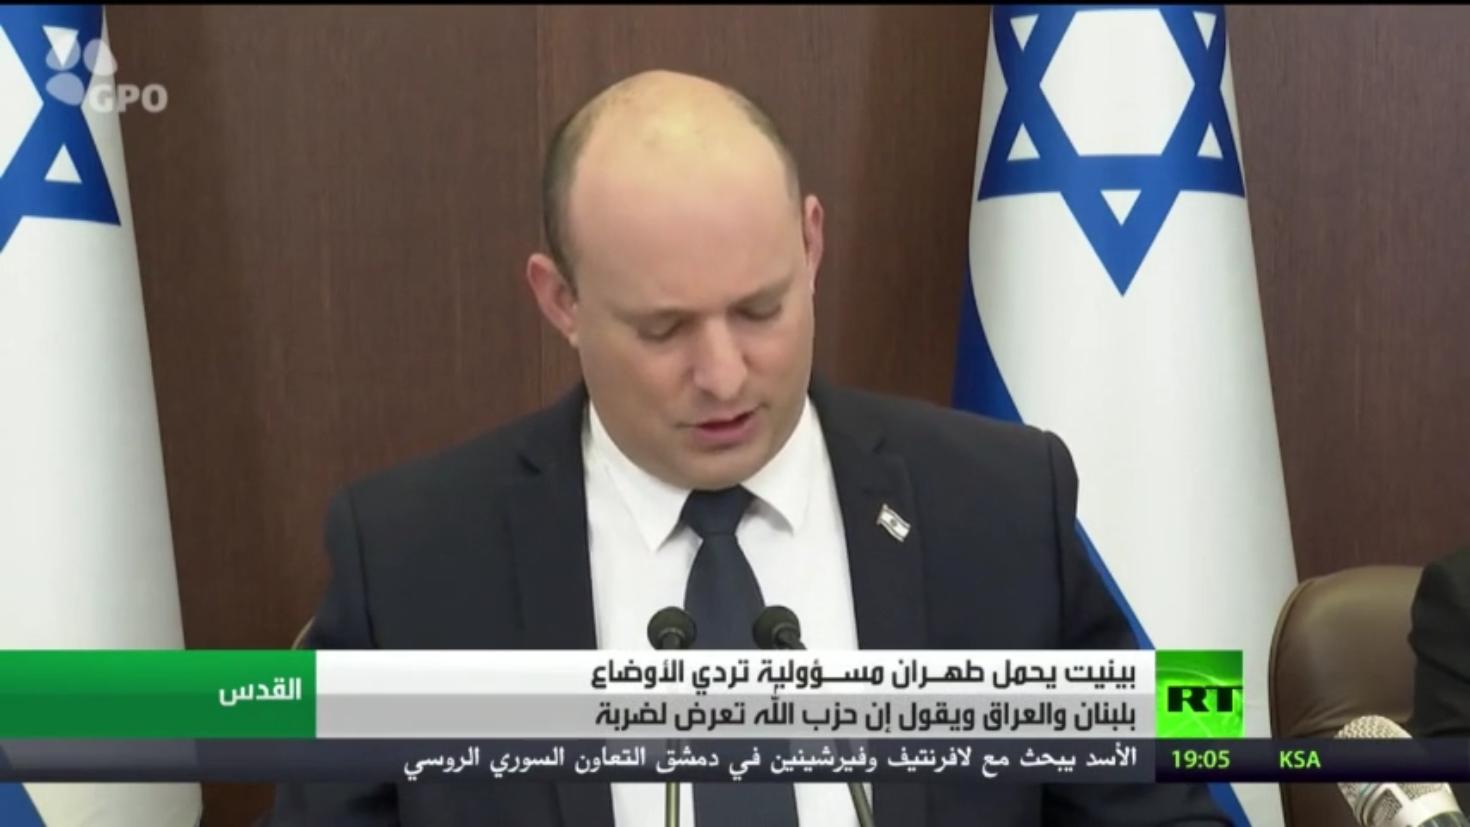 بينيت يحمل طهران مسؤولية الأوضاع في لبنان